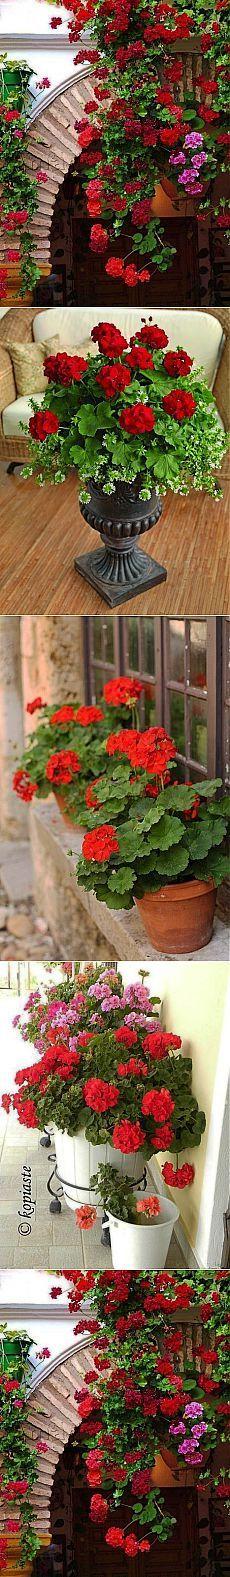 Чтобы герань всегда радовала цветением, нужна 1 капля йода....